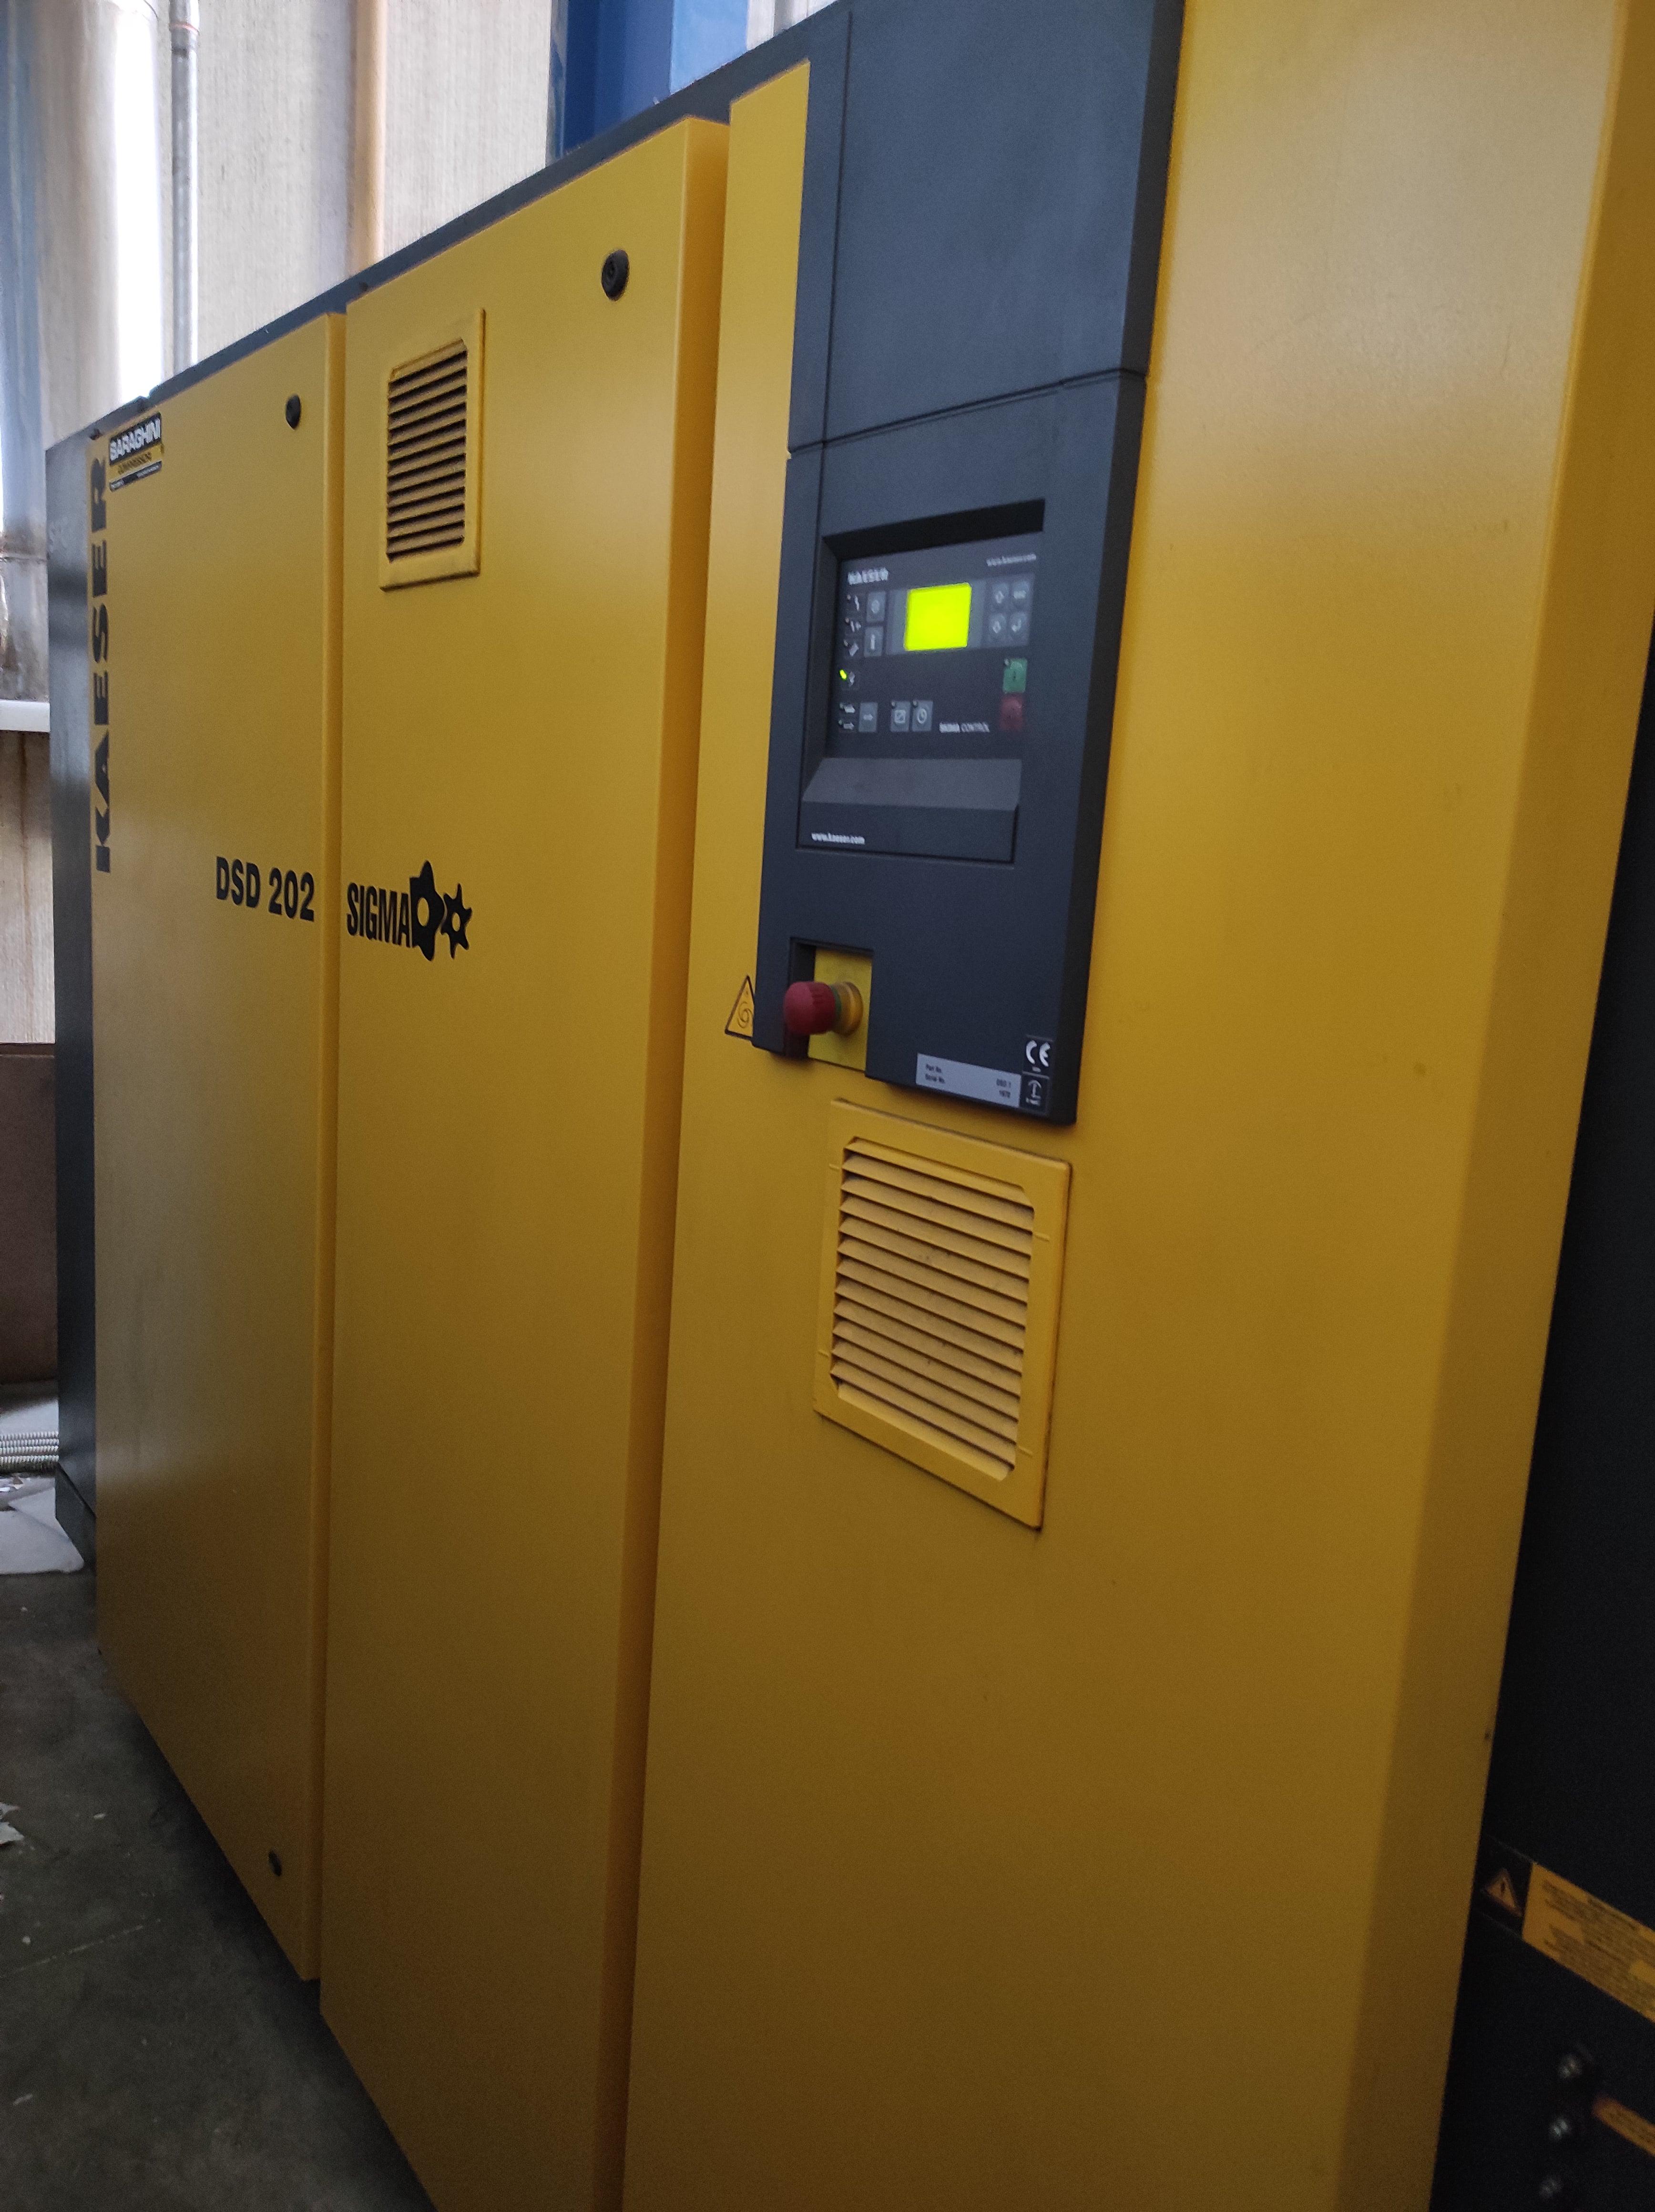 Compressore Kaeser DSD202 SFC - 110KW - Inverter in vendita - foto 1